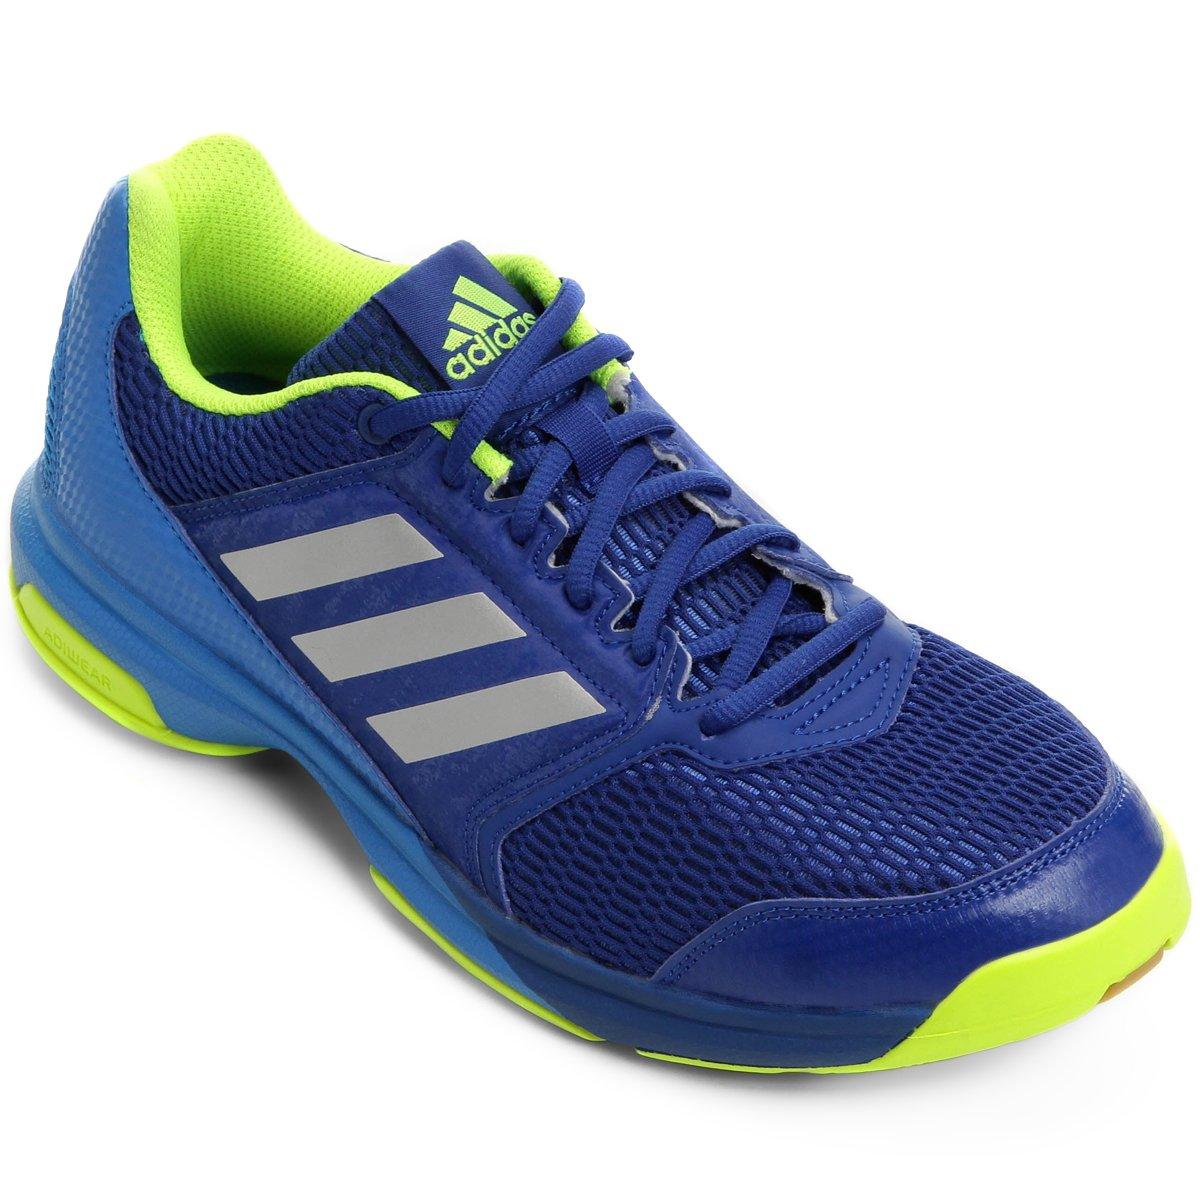 5410dc110b021 Tênis Adidas Stabil Essence - Compre Agora